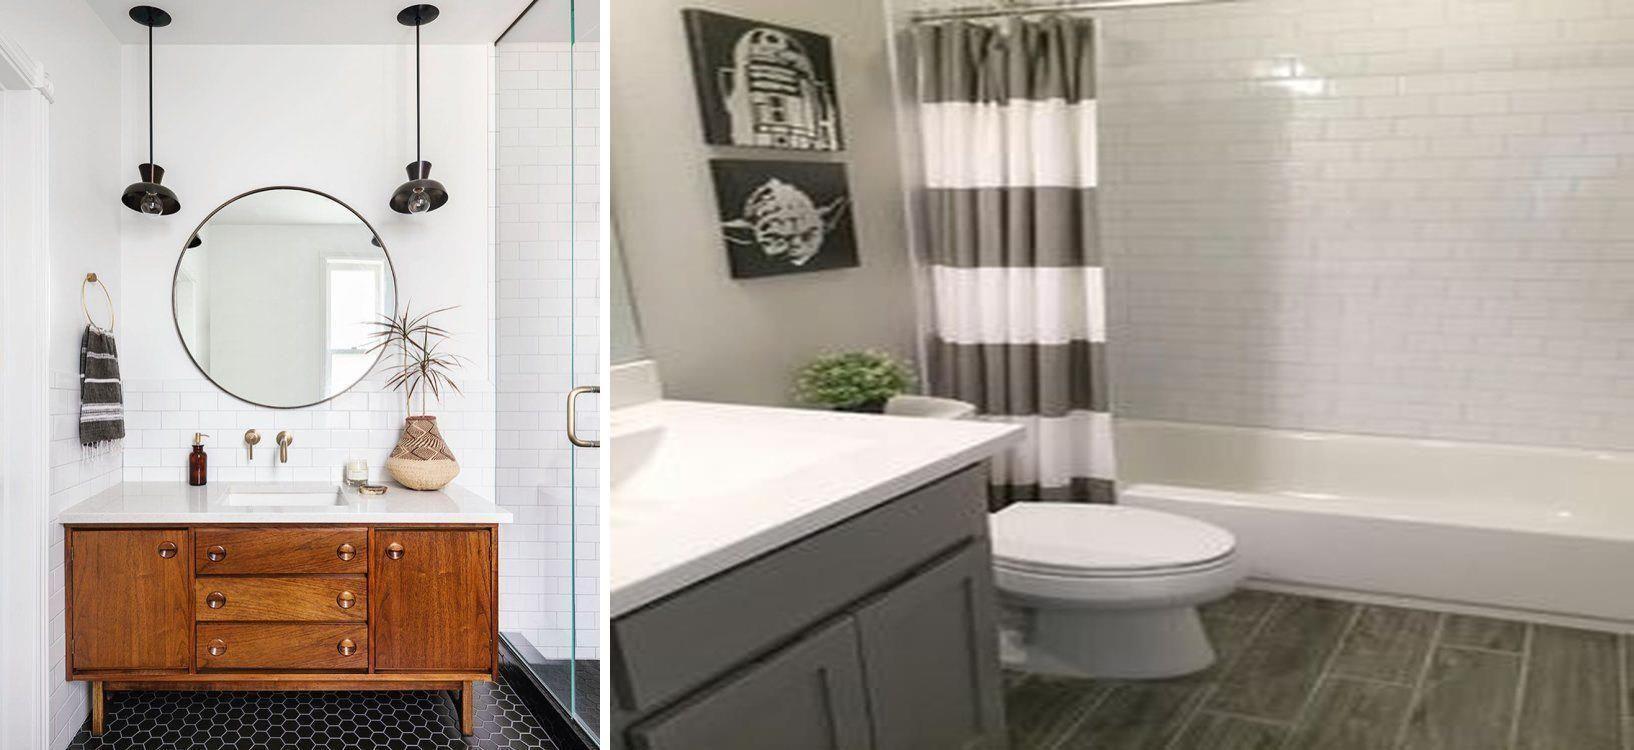 Mens Bathroom Decor Aqua Bath Accessories Dark Teal Bathroom Accessories Bathroom Decor Mens Bathroom Decor Man Bathroom